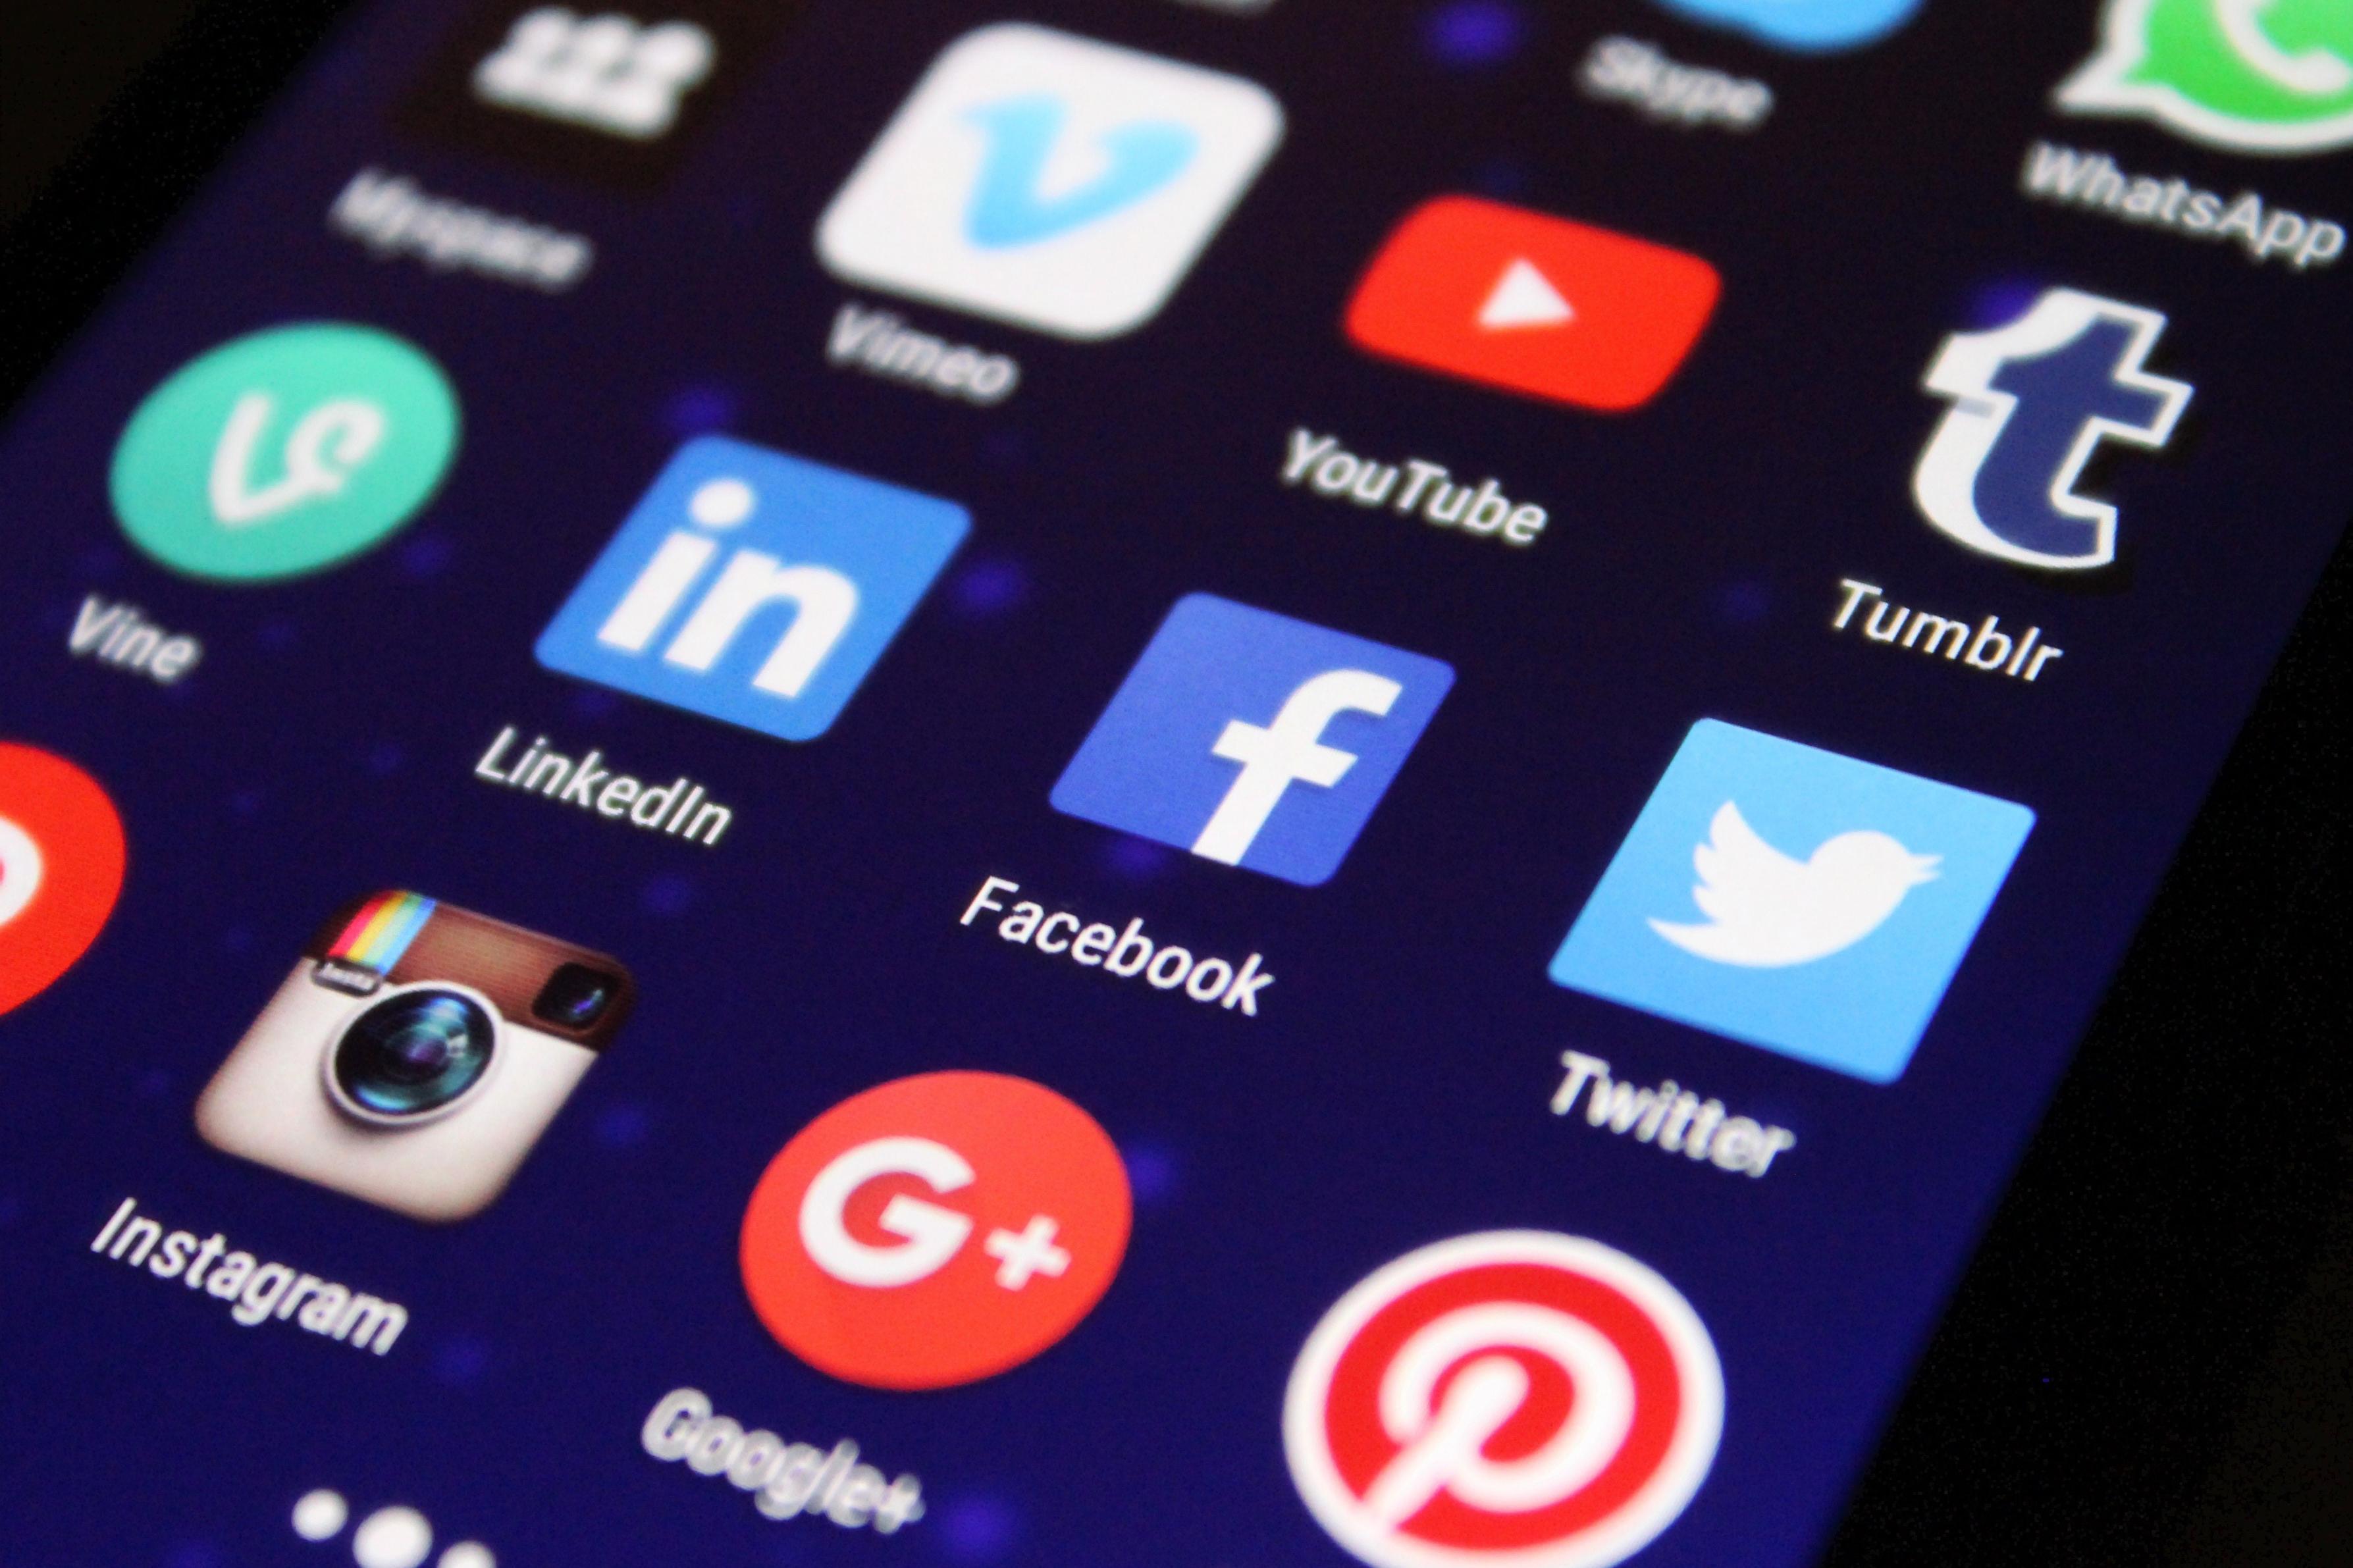 Фейсбук, Инстаграм и даже Whatsapp не работали 8 часов. Что это было?!